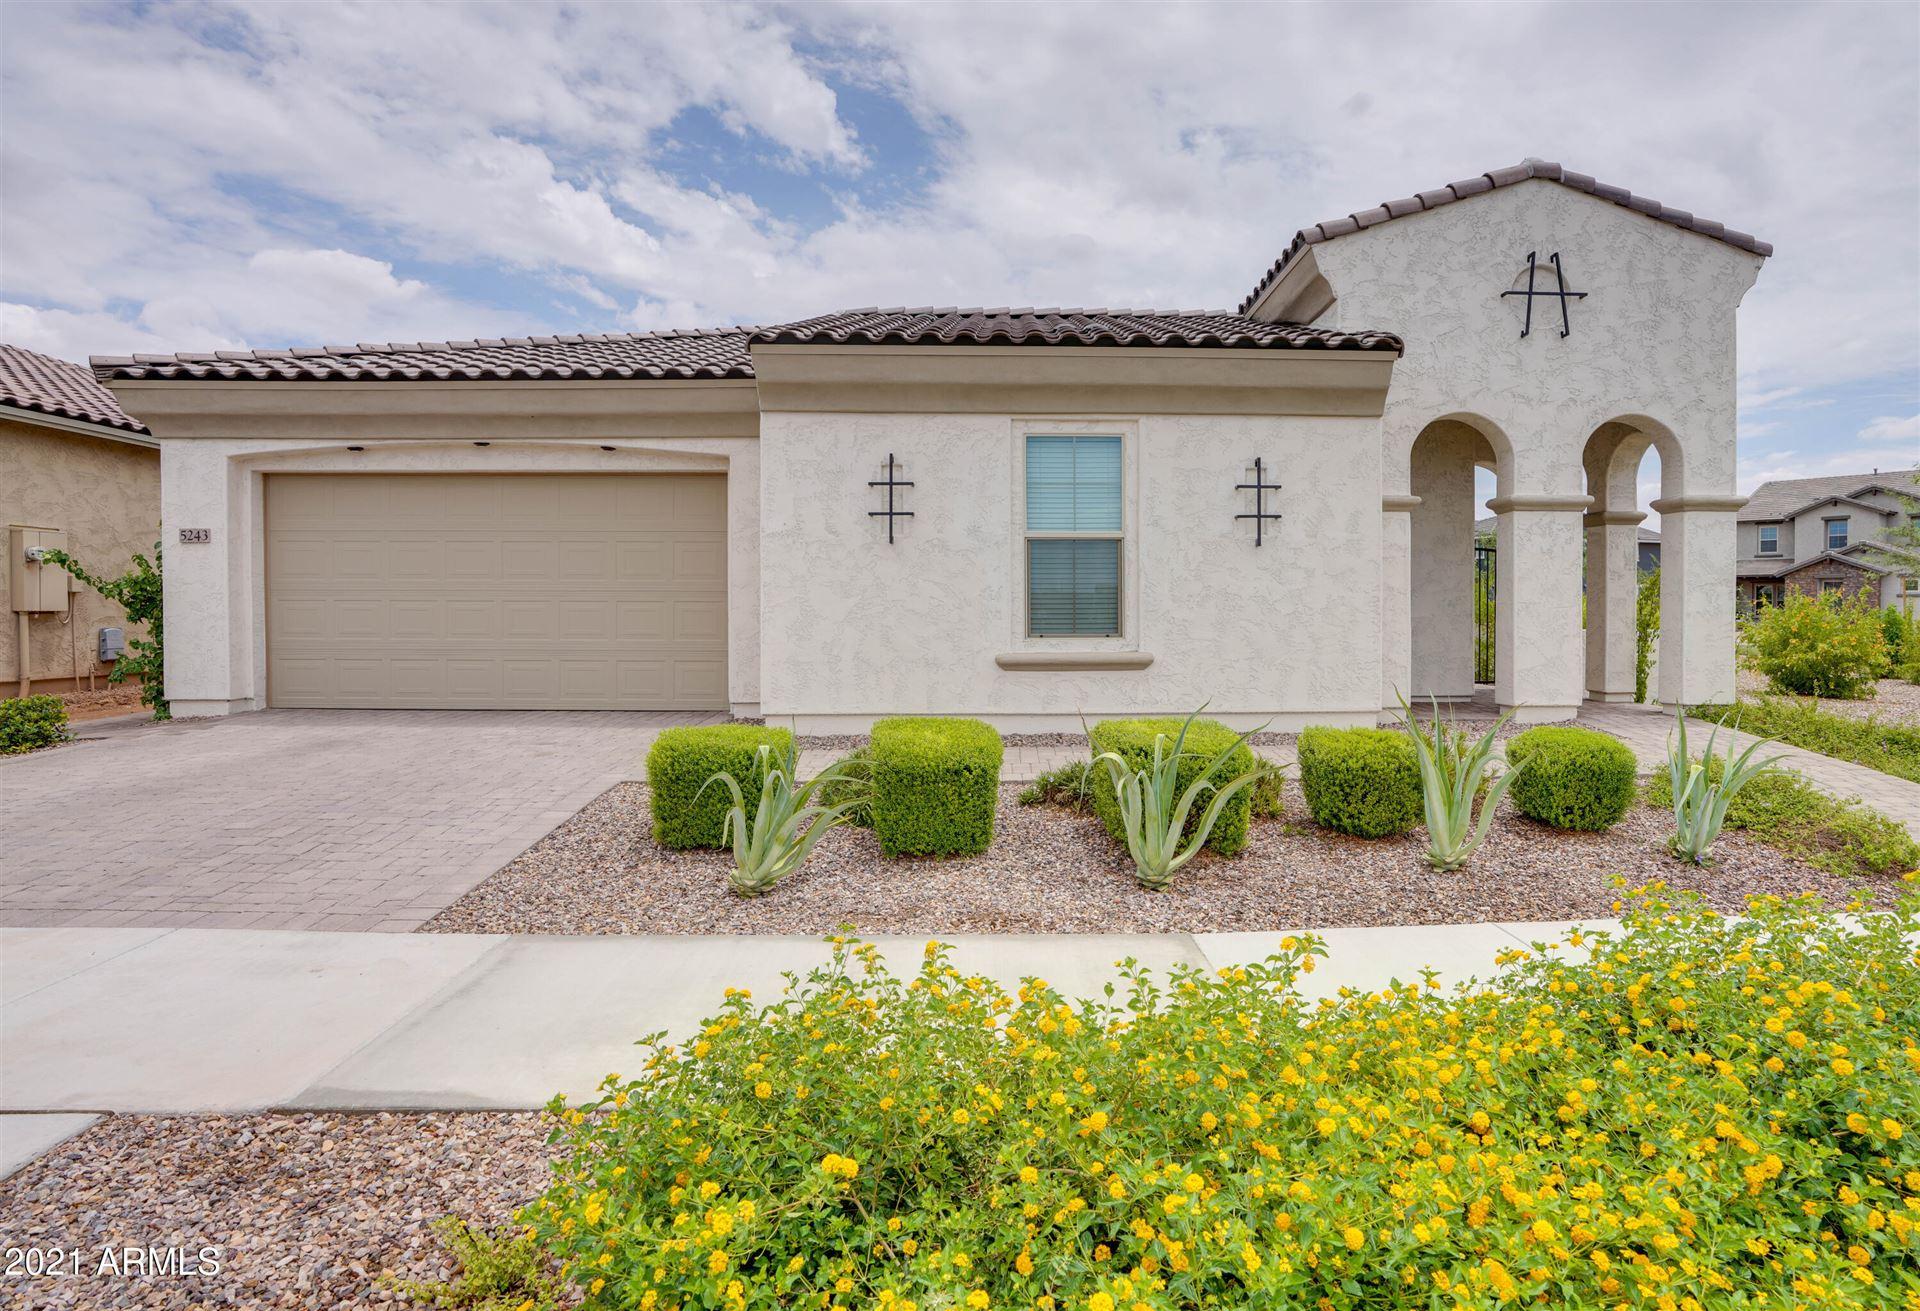 5243 S WILDROSE --, Mesa, AZ 85212 - #: 6261086